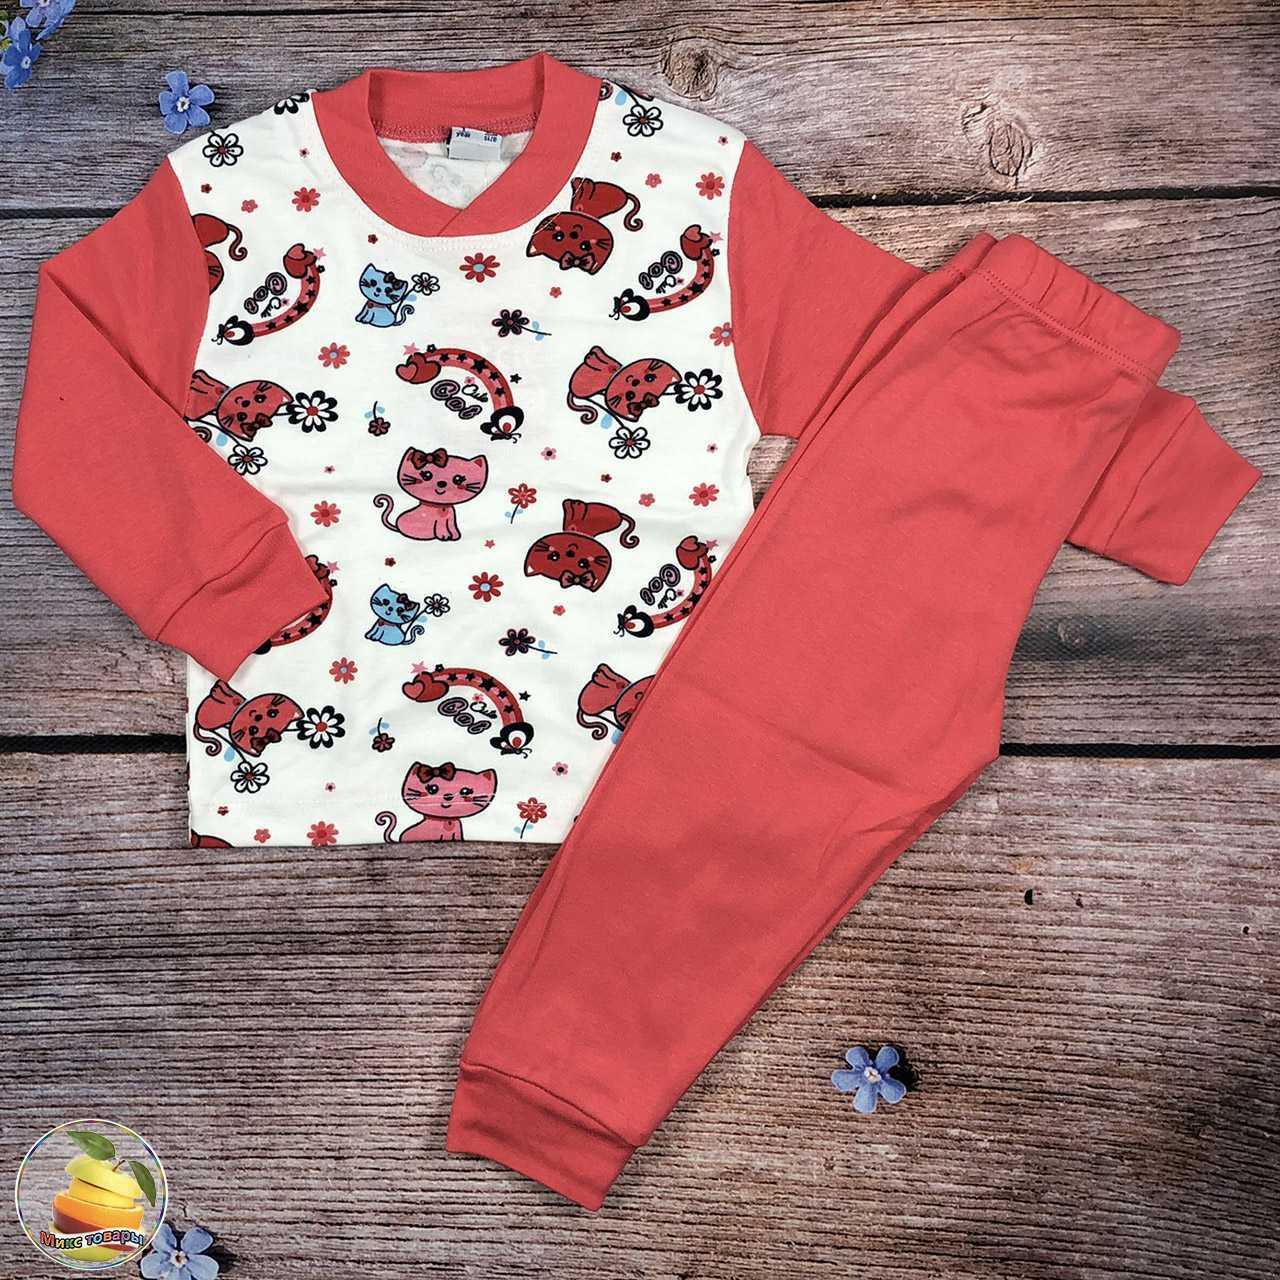 Пижамка с кошечками для маленькой девочки Рост: 86,92,98,104 см (20150)